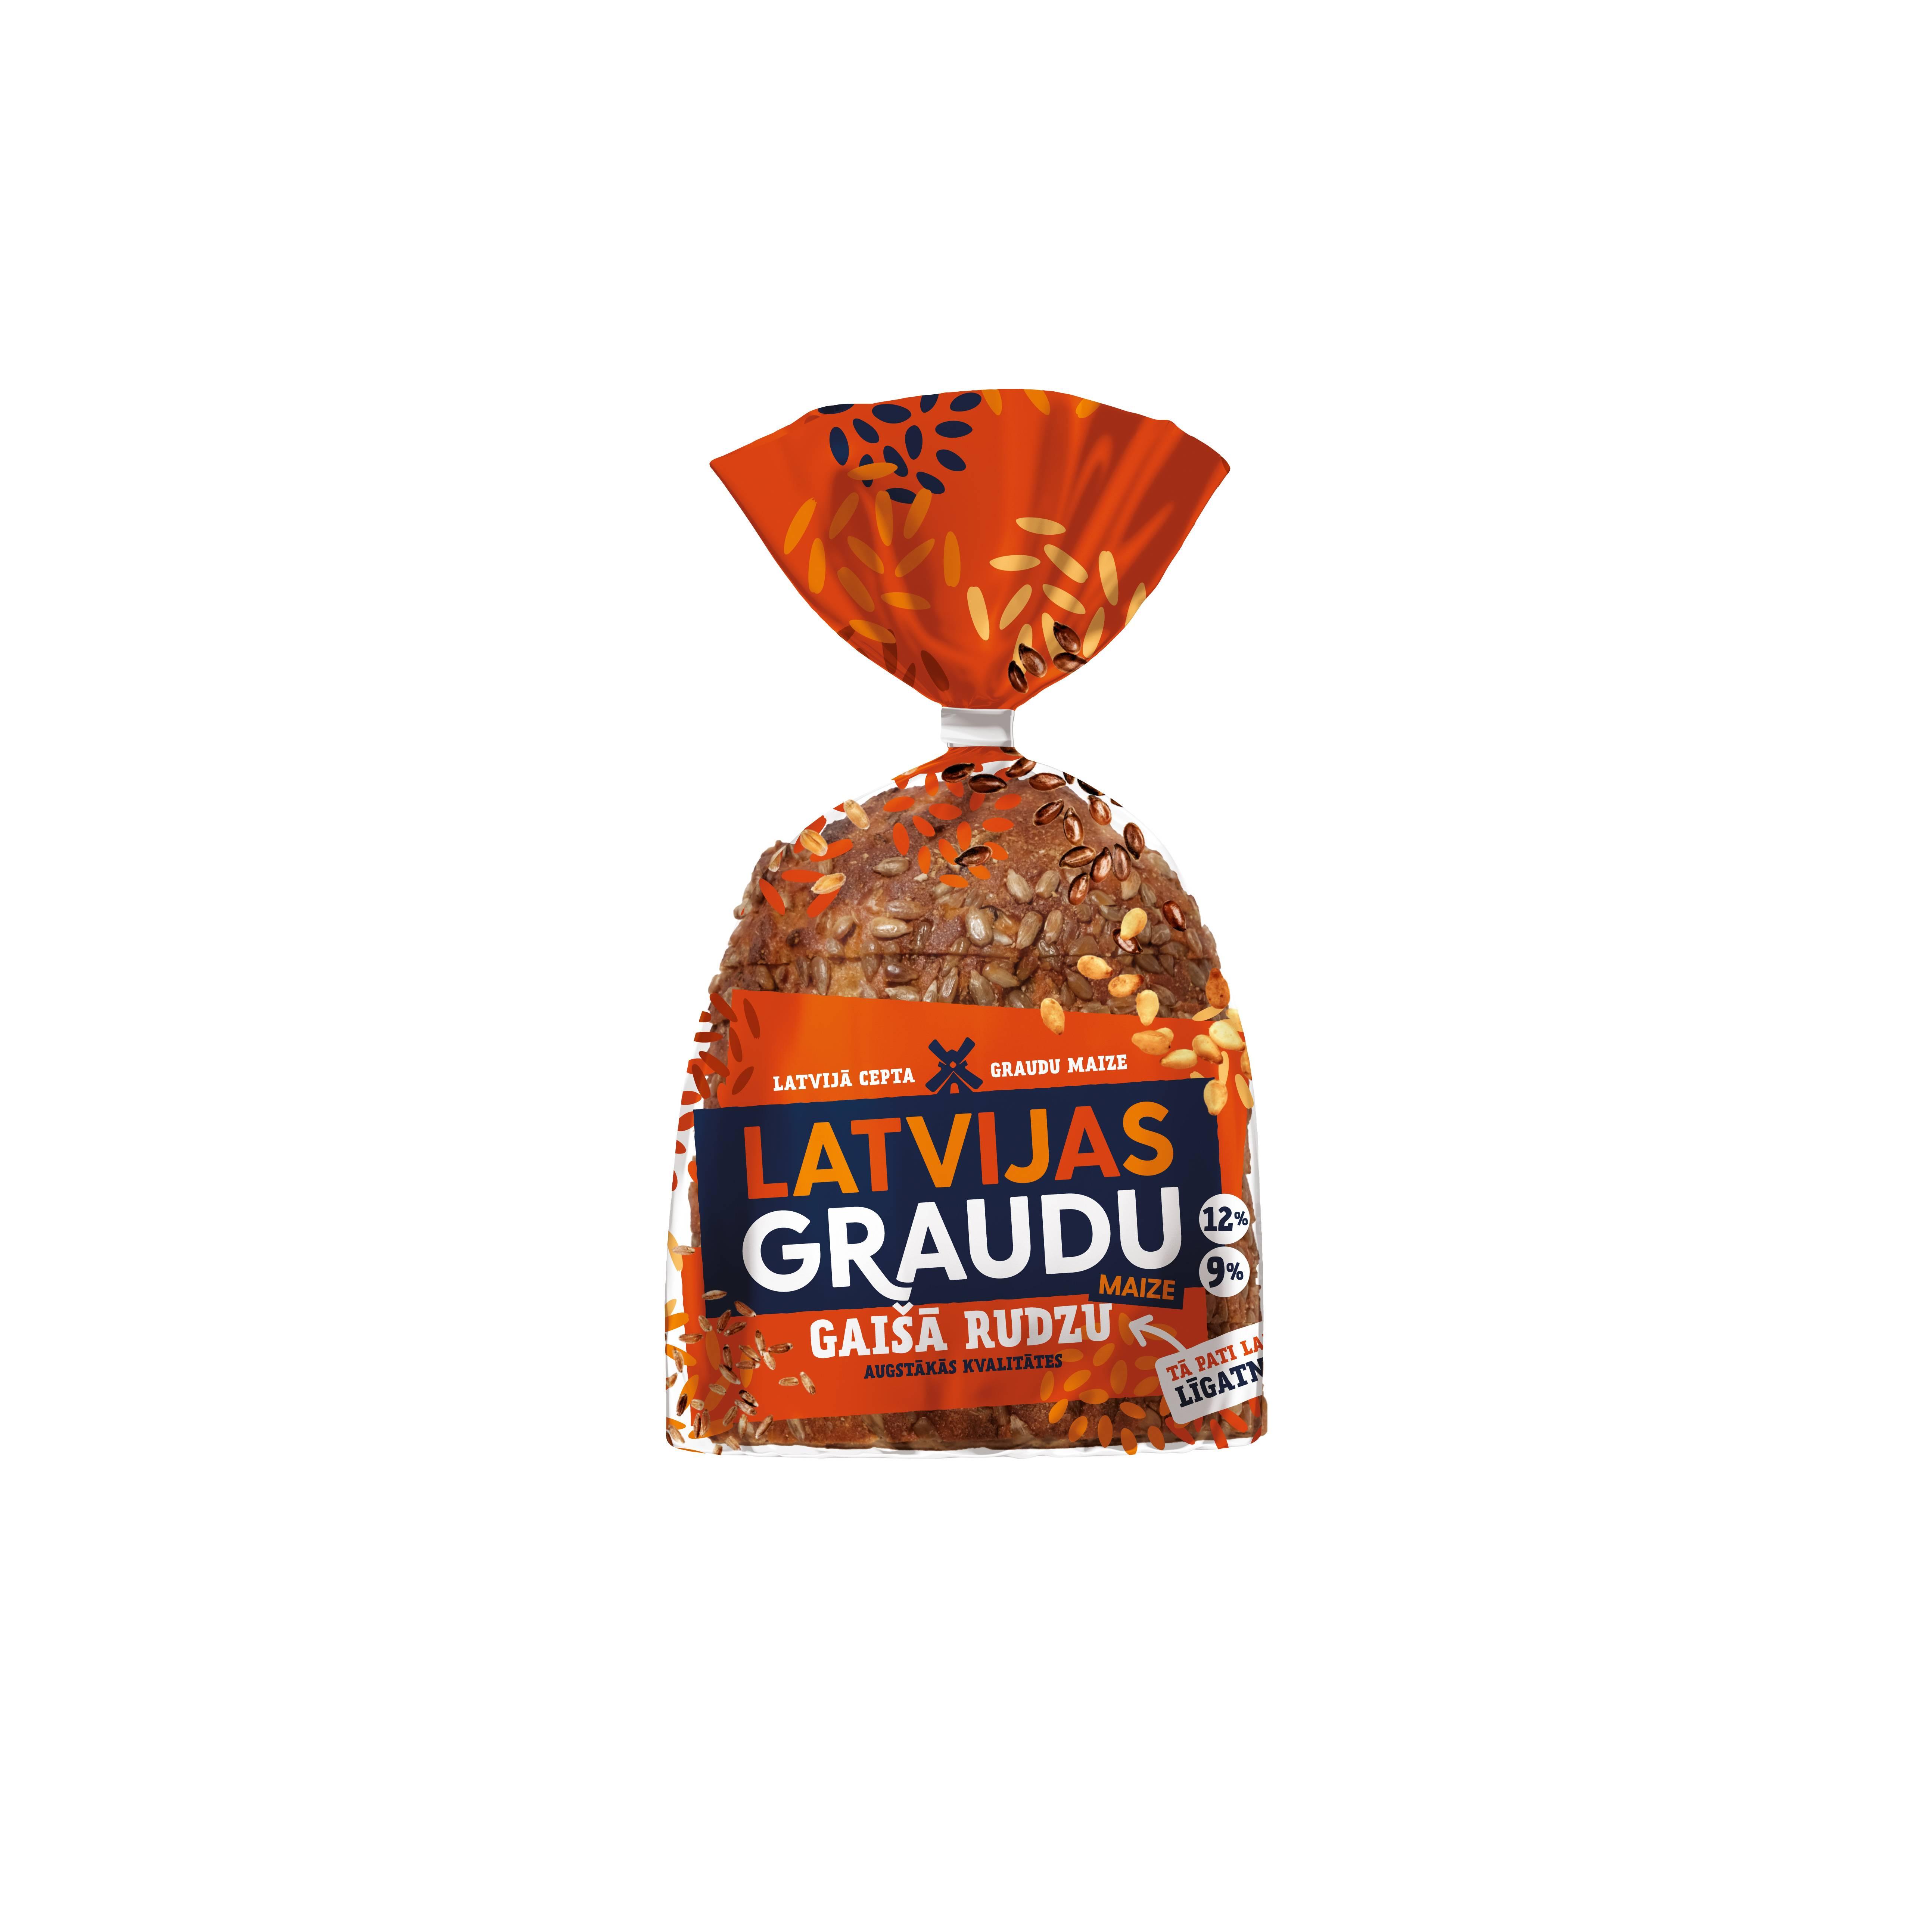 Piine cu cereale Latvijas Graudu, cu seminte de floarea-soarelui, 390g